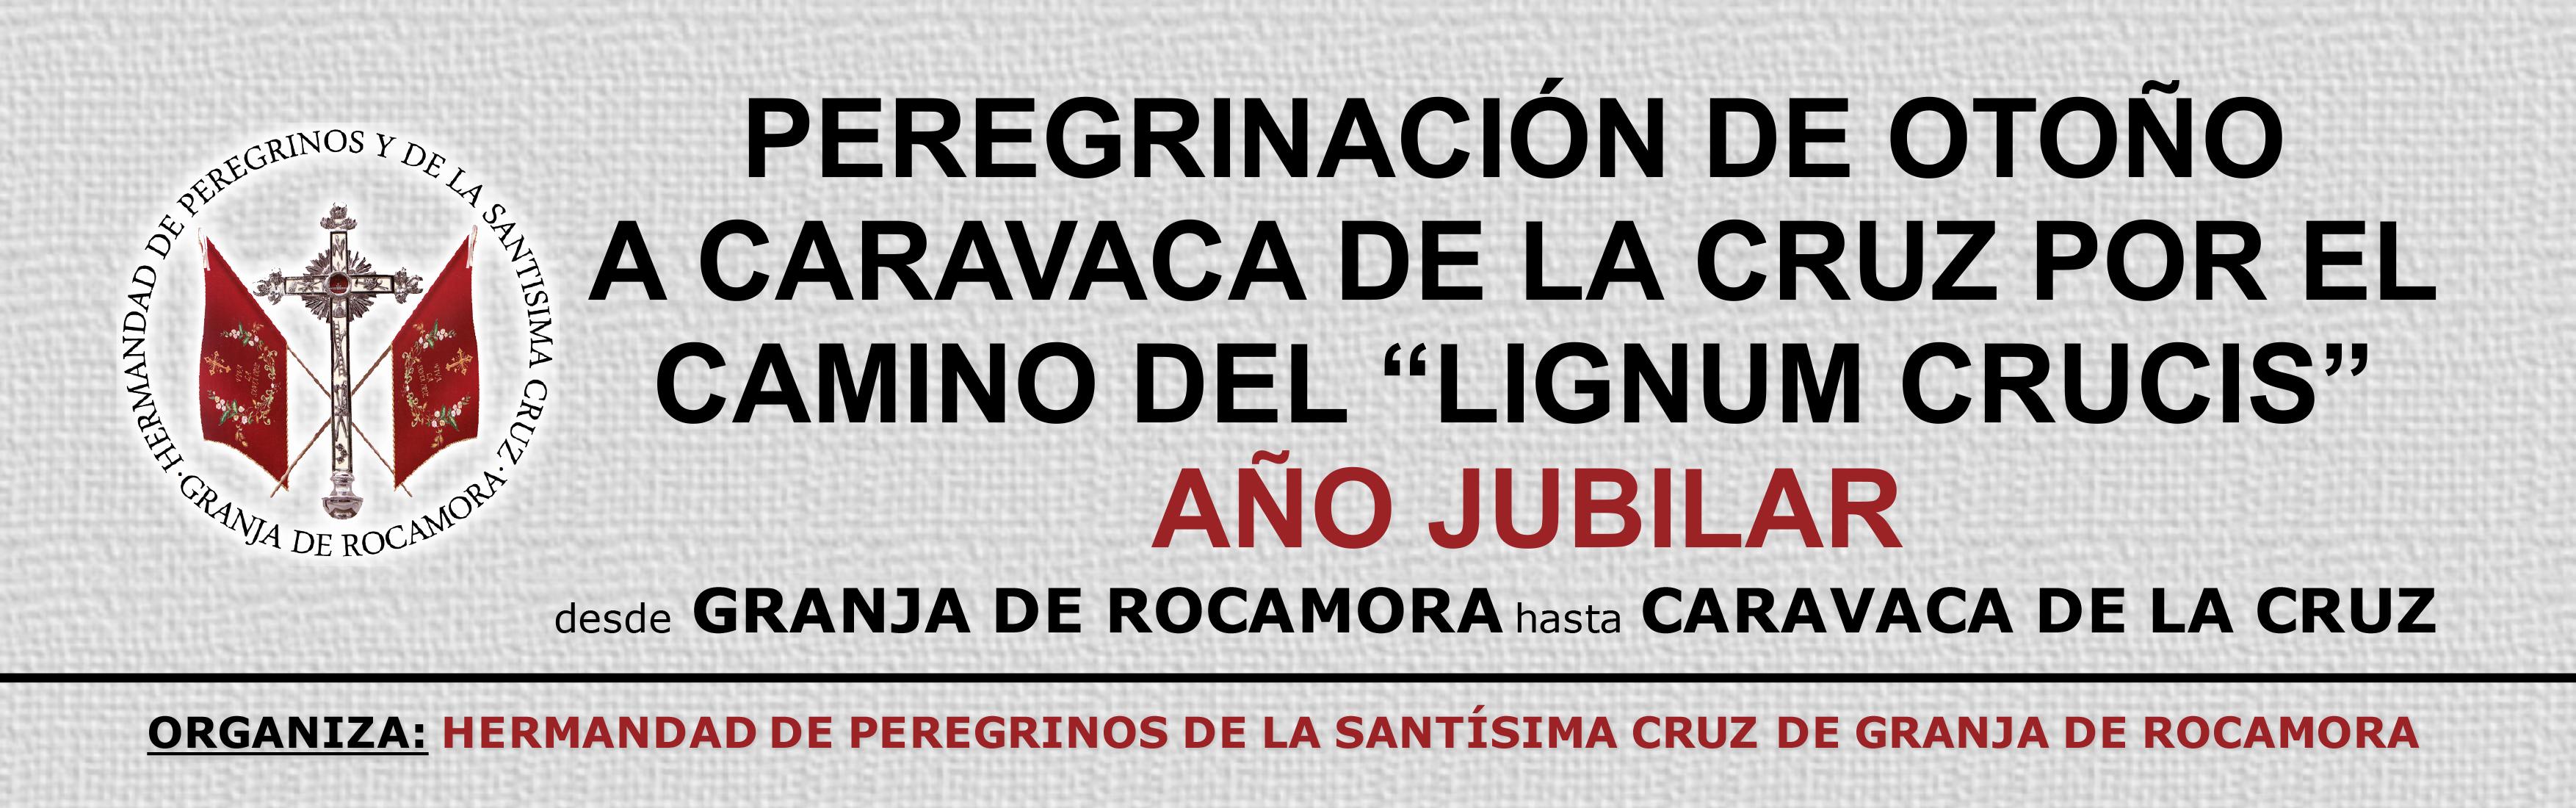 Peregrinación de Otoño a Caravaca de la Cruz 2017